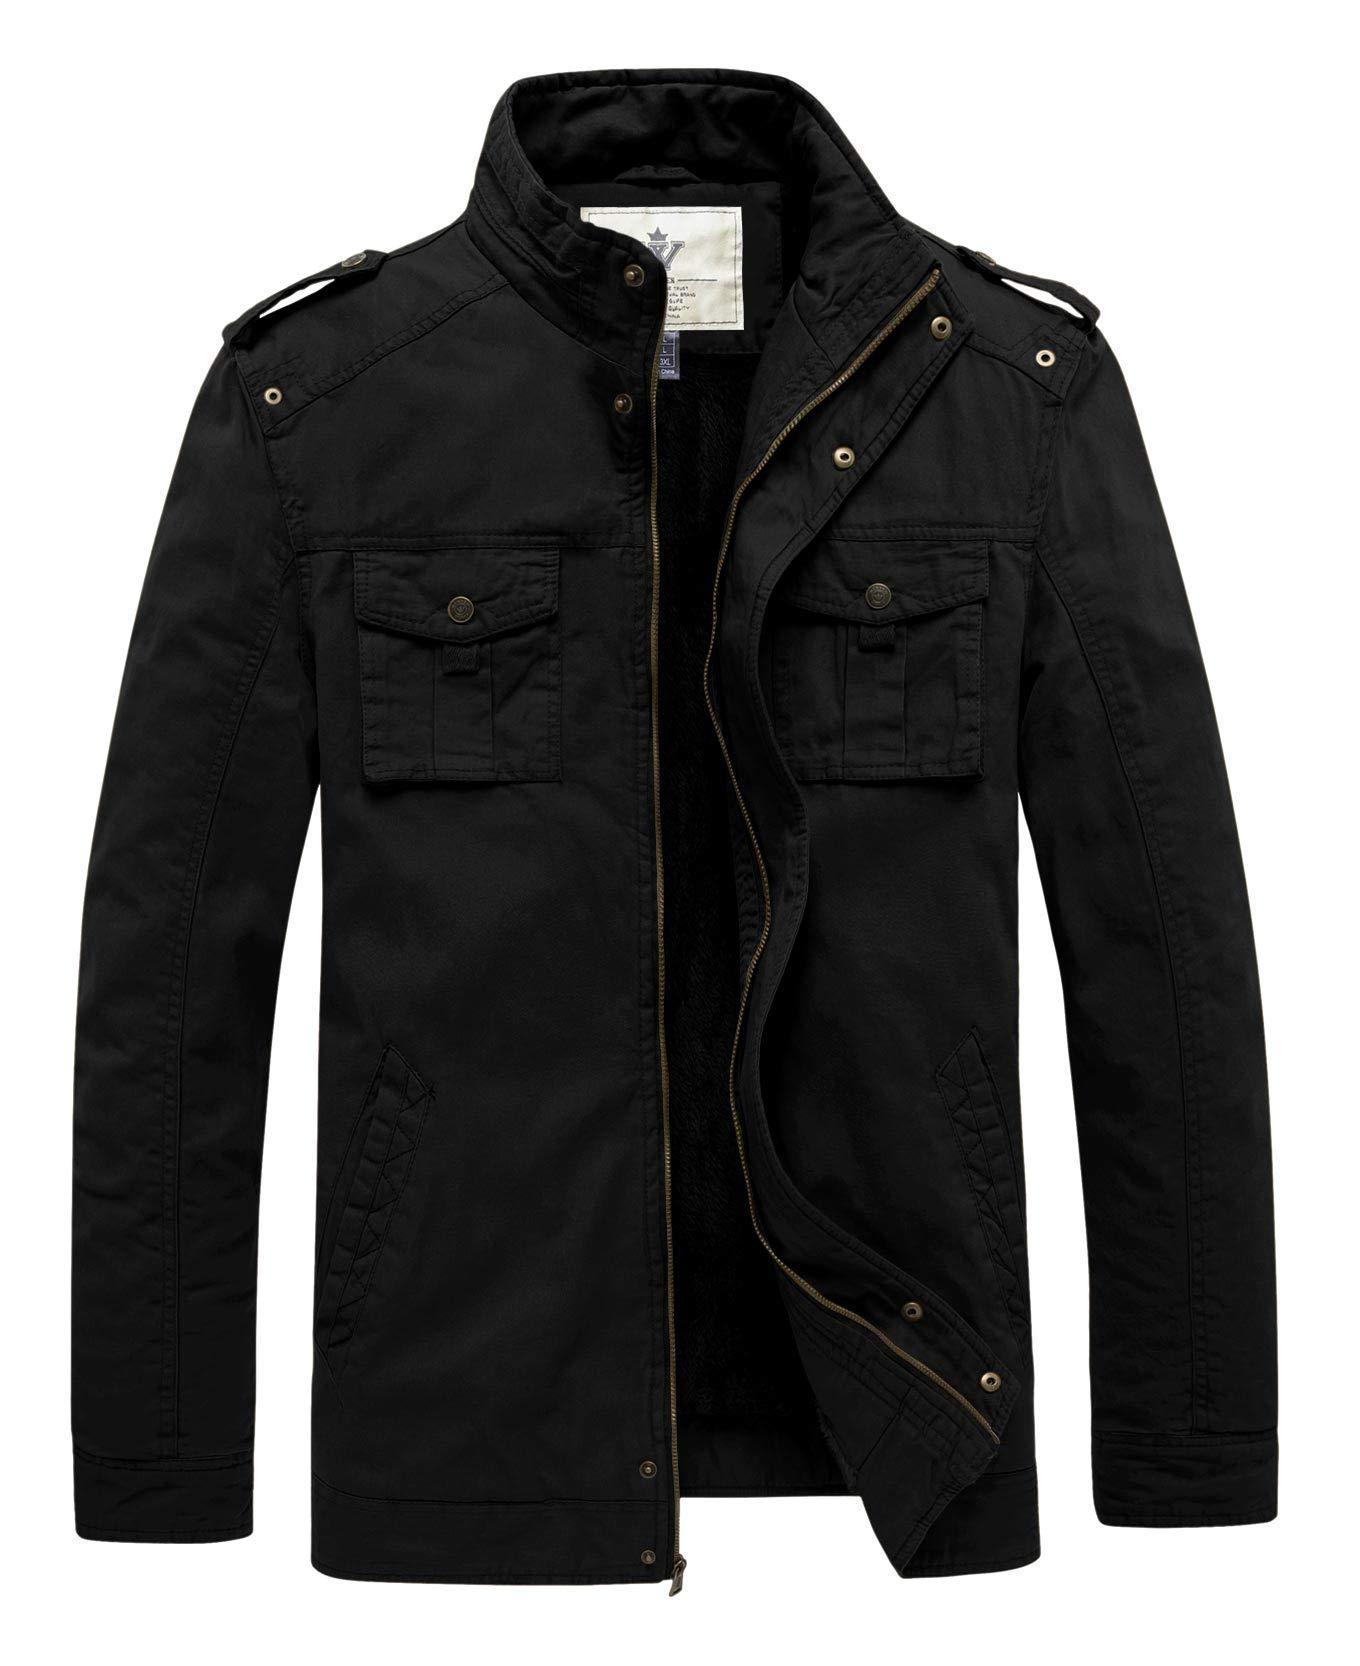 WenVen Men's Winter Warm Twill Cotton Stand Collar Thicken Jacket(Black,S) by WenVen